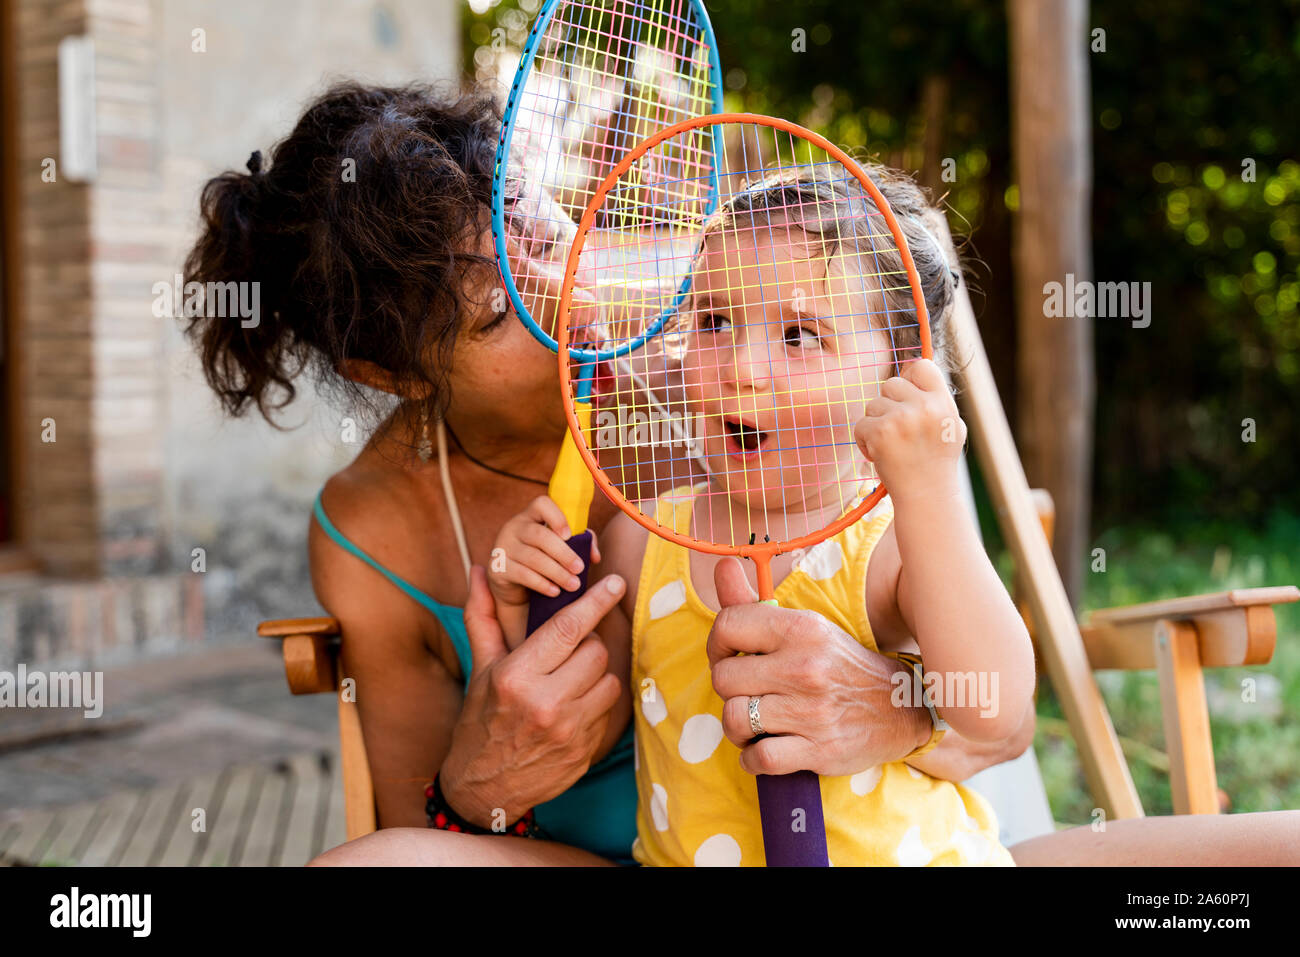 Abuela jugando con la niña y raquetas de badminton afuera Foto de stock